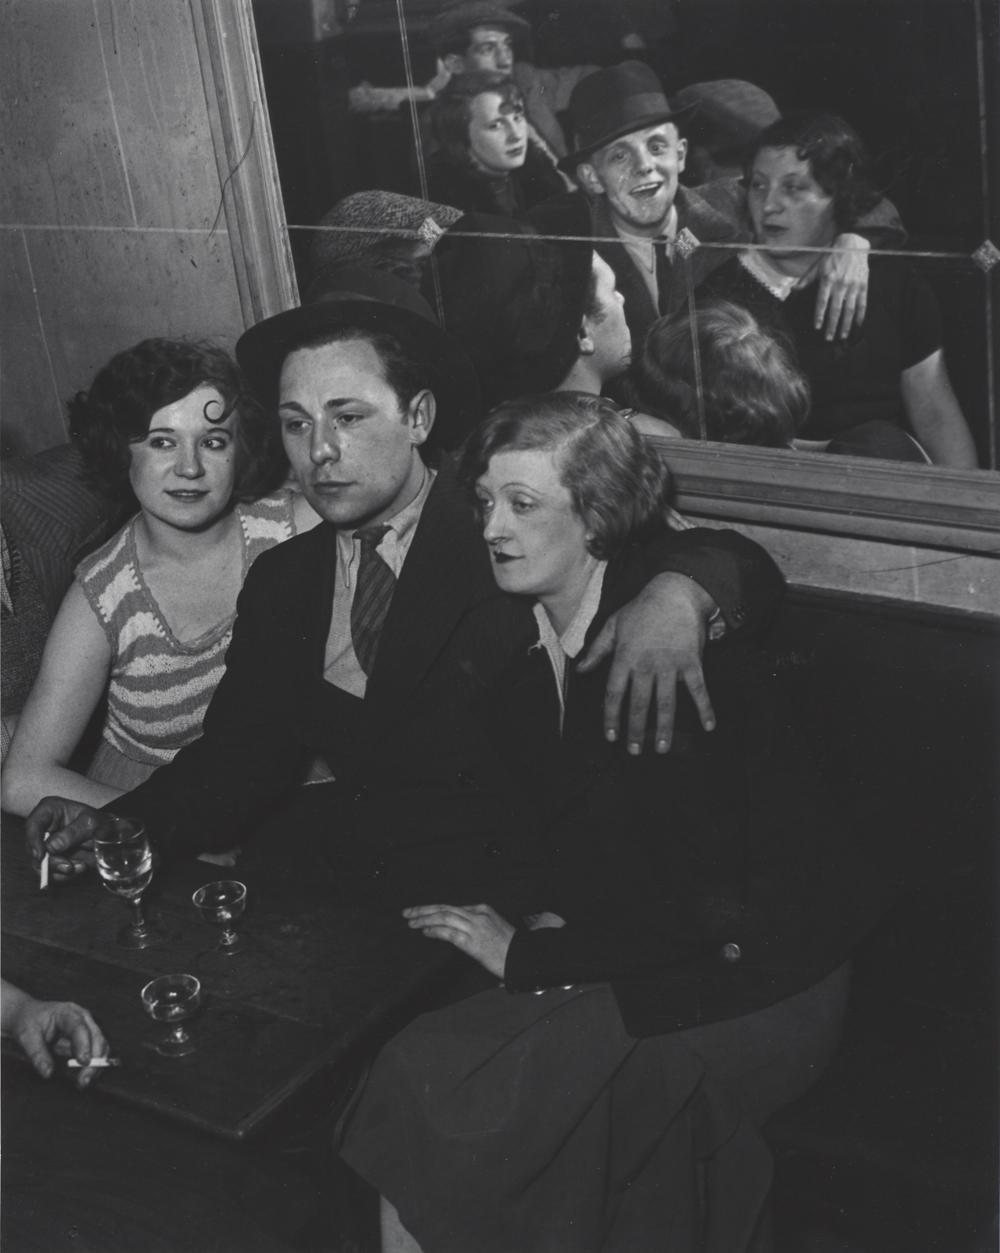 BRASSAI Groupe Joyeux au bal musette des Quatre Saisons, rue de Lappe, Paris, France,c. 1932